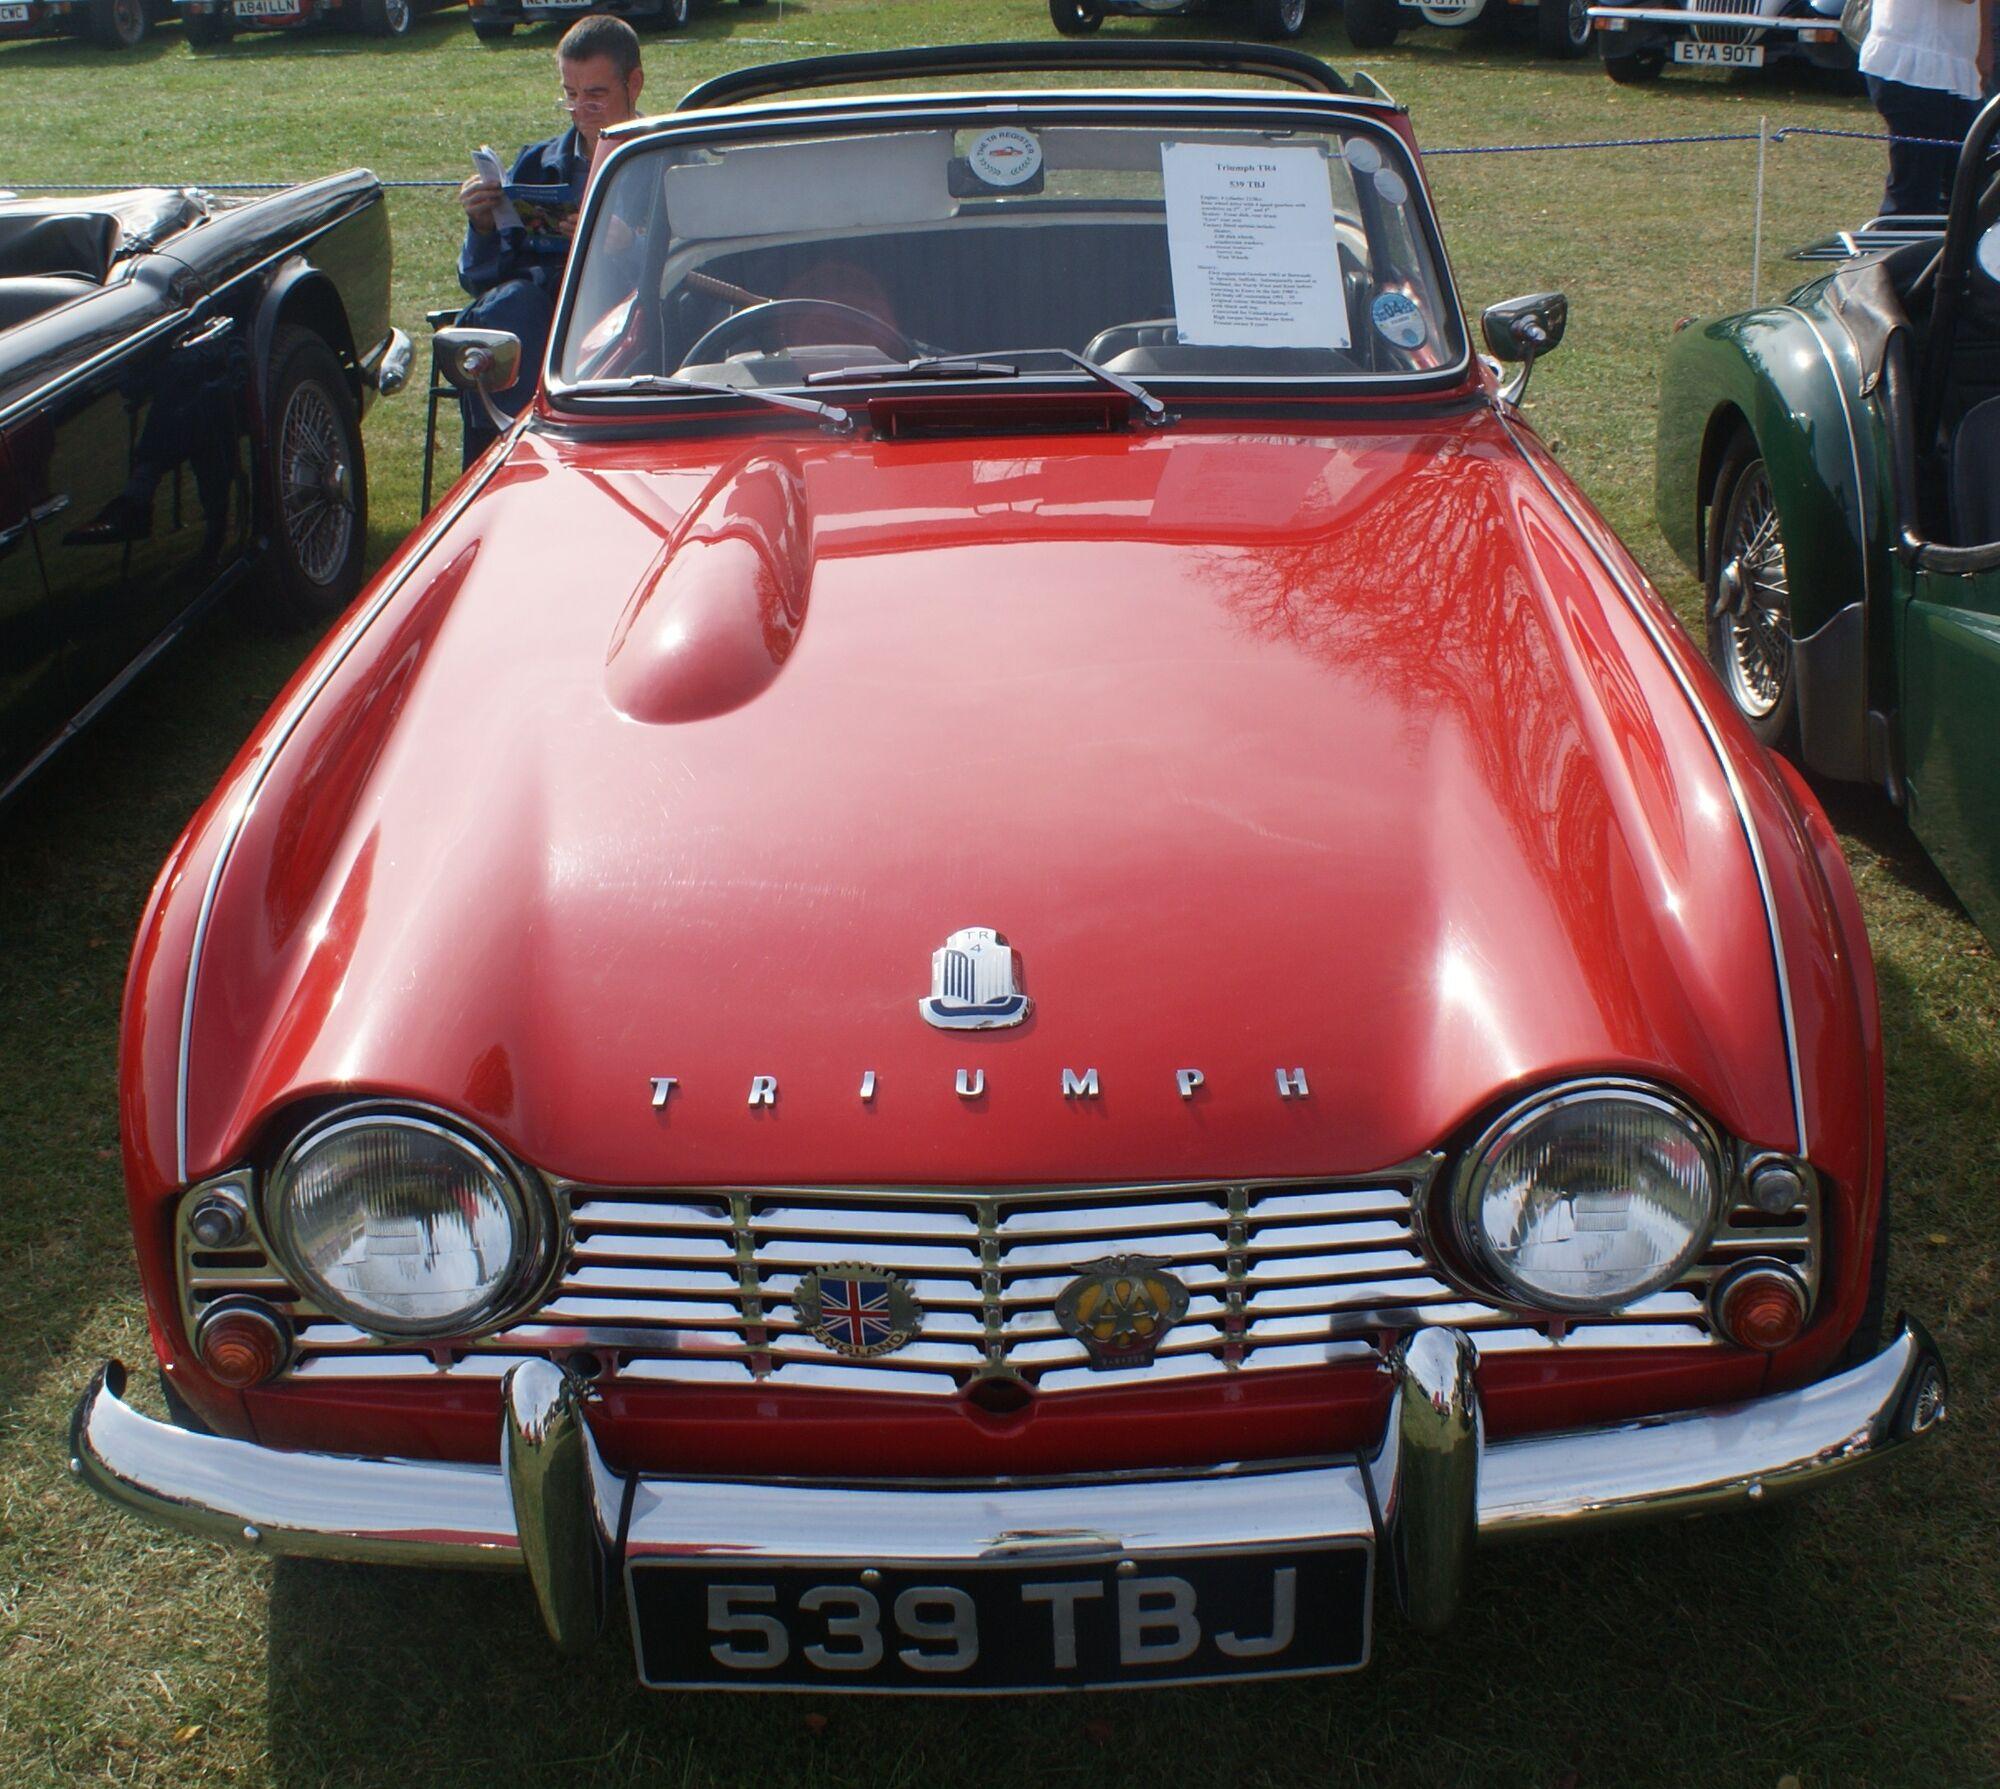 Triumph Tr4 Classic Cars Wiki Fandom Powered By Wikia